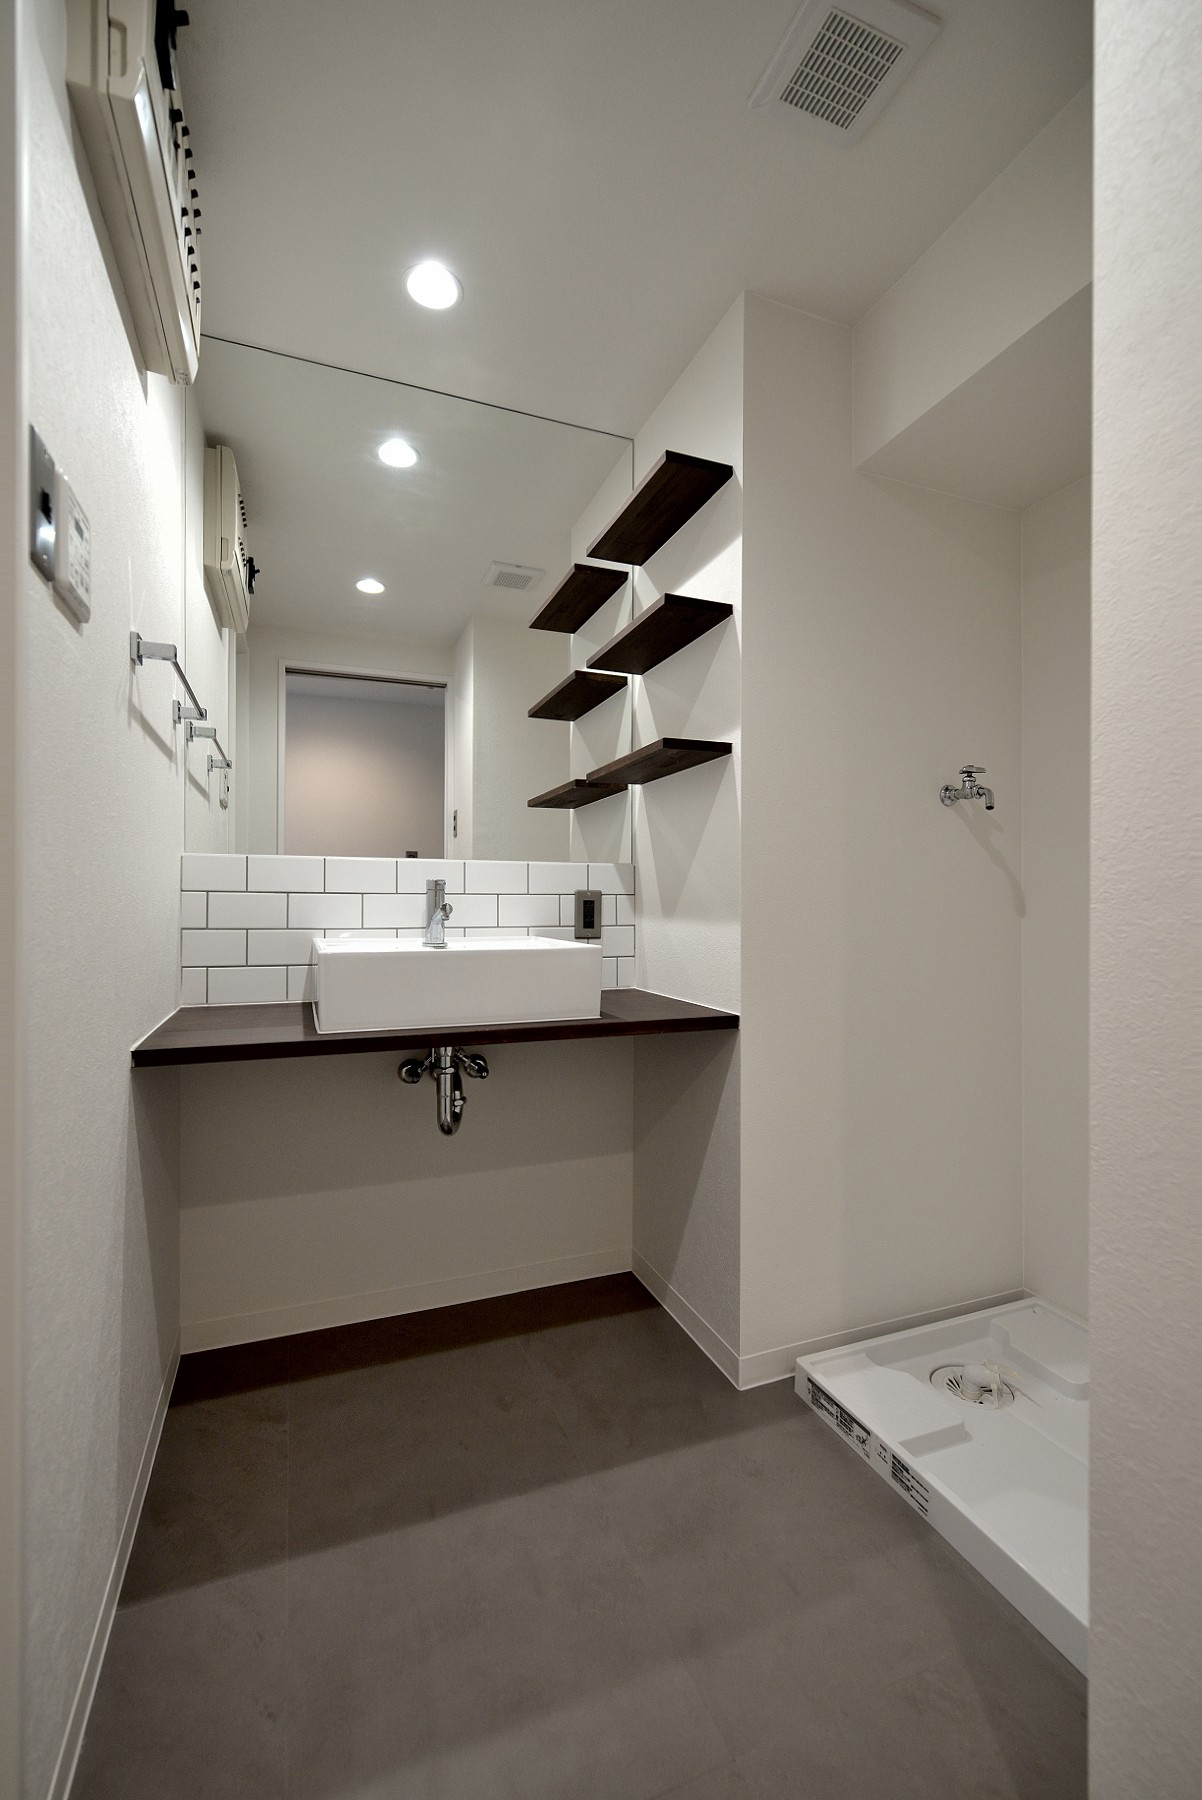 バス/トイレ事例:洗面ルーム(モルタル仕上げのキッチン×キャットステップのあるワンストップリノベーション住まい)